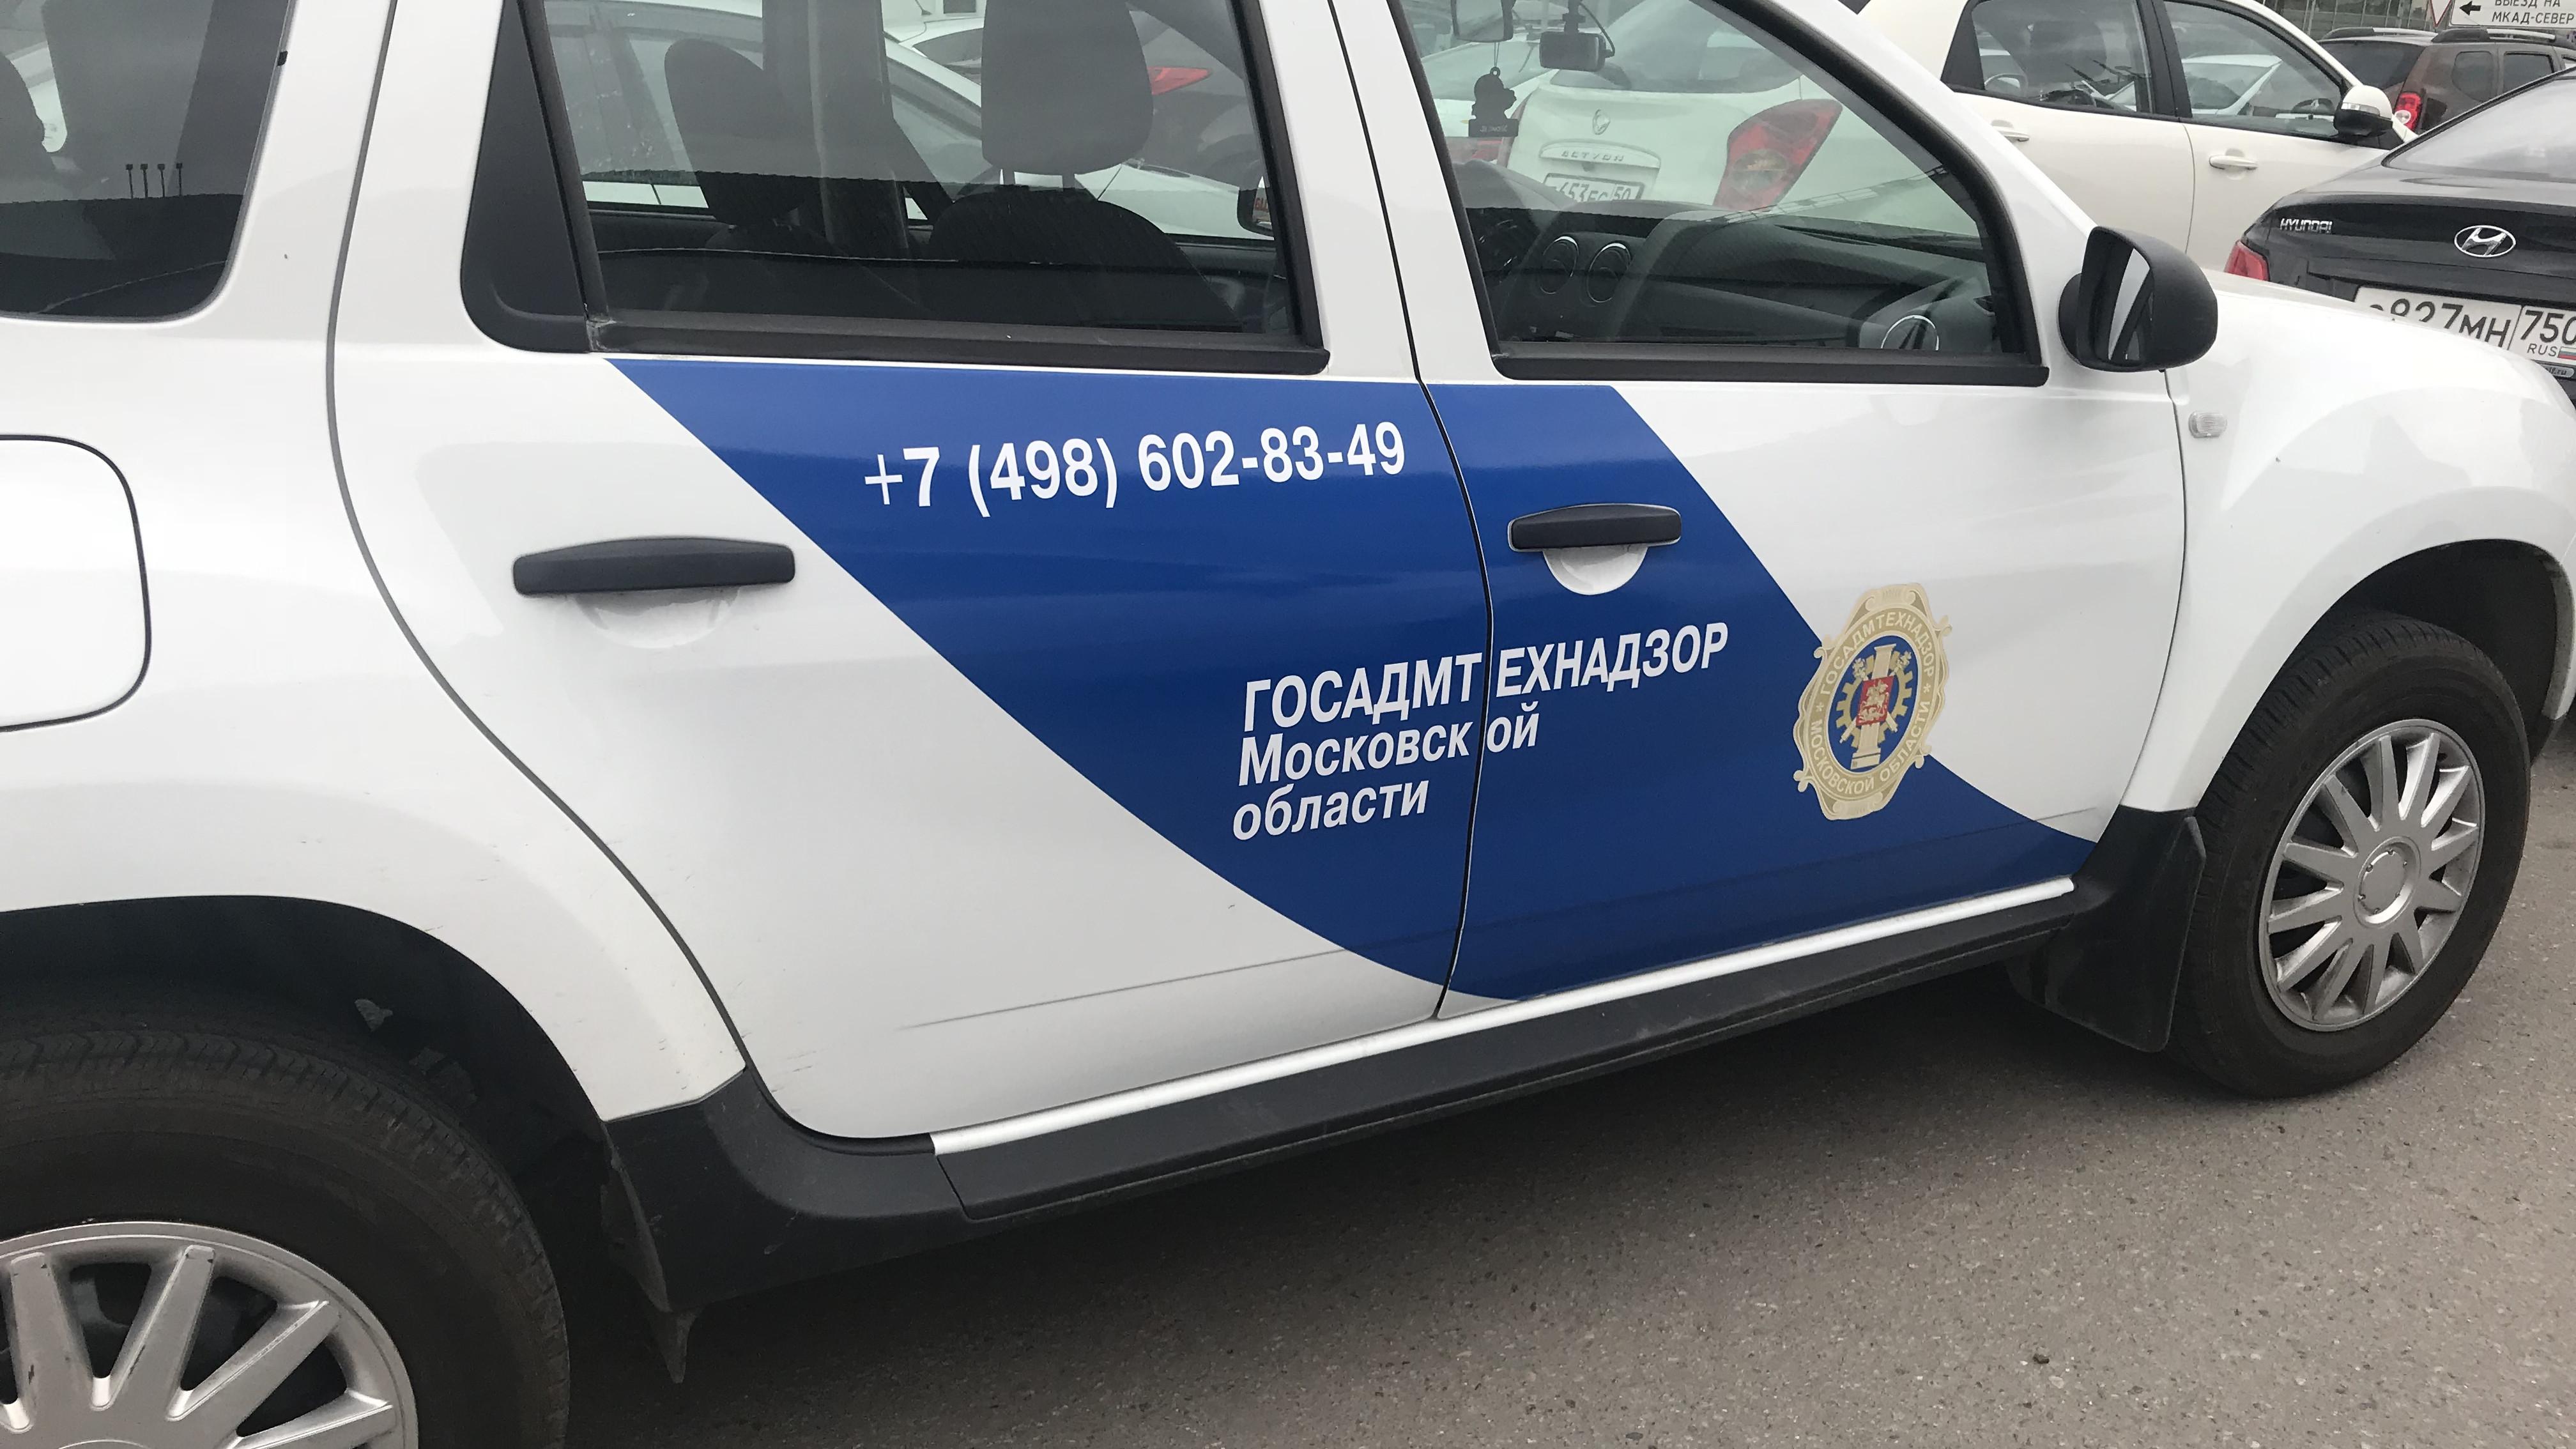 Более 70 дорожных объектов в Подмосковье привели в порядок по предписаниям Госадмтехнадзора